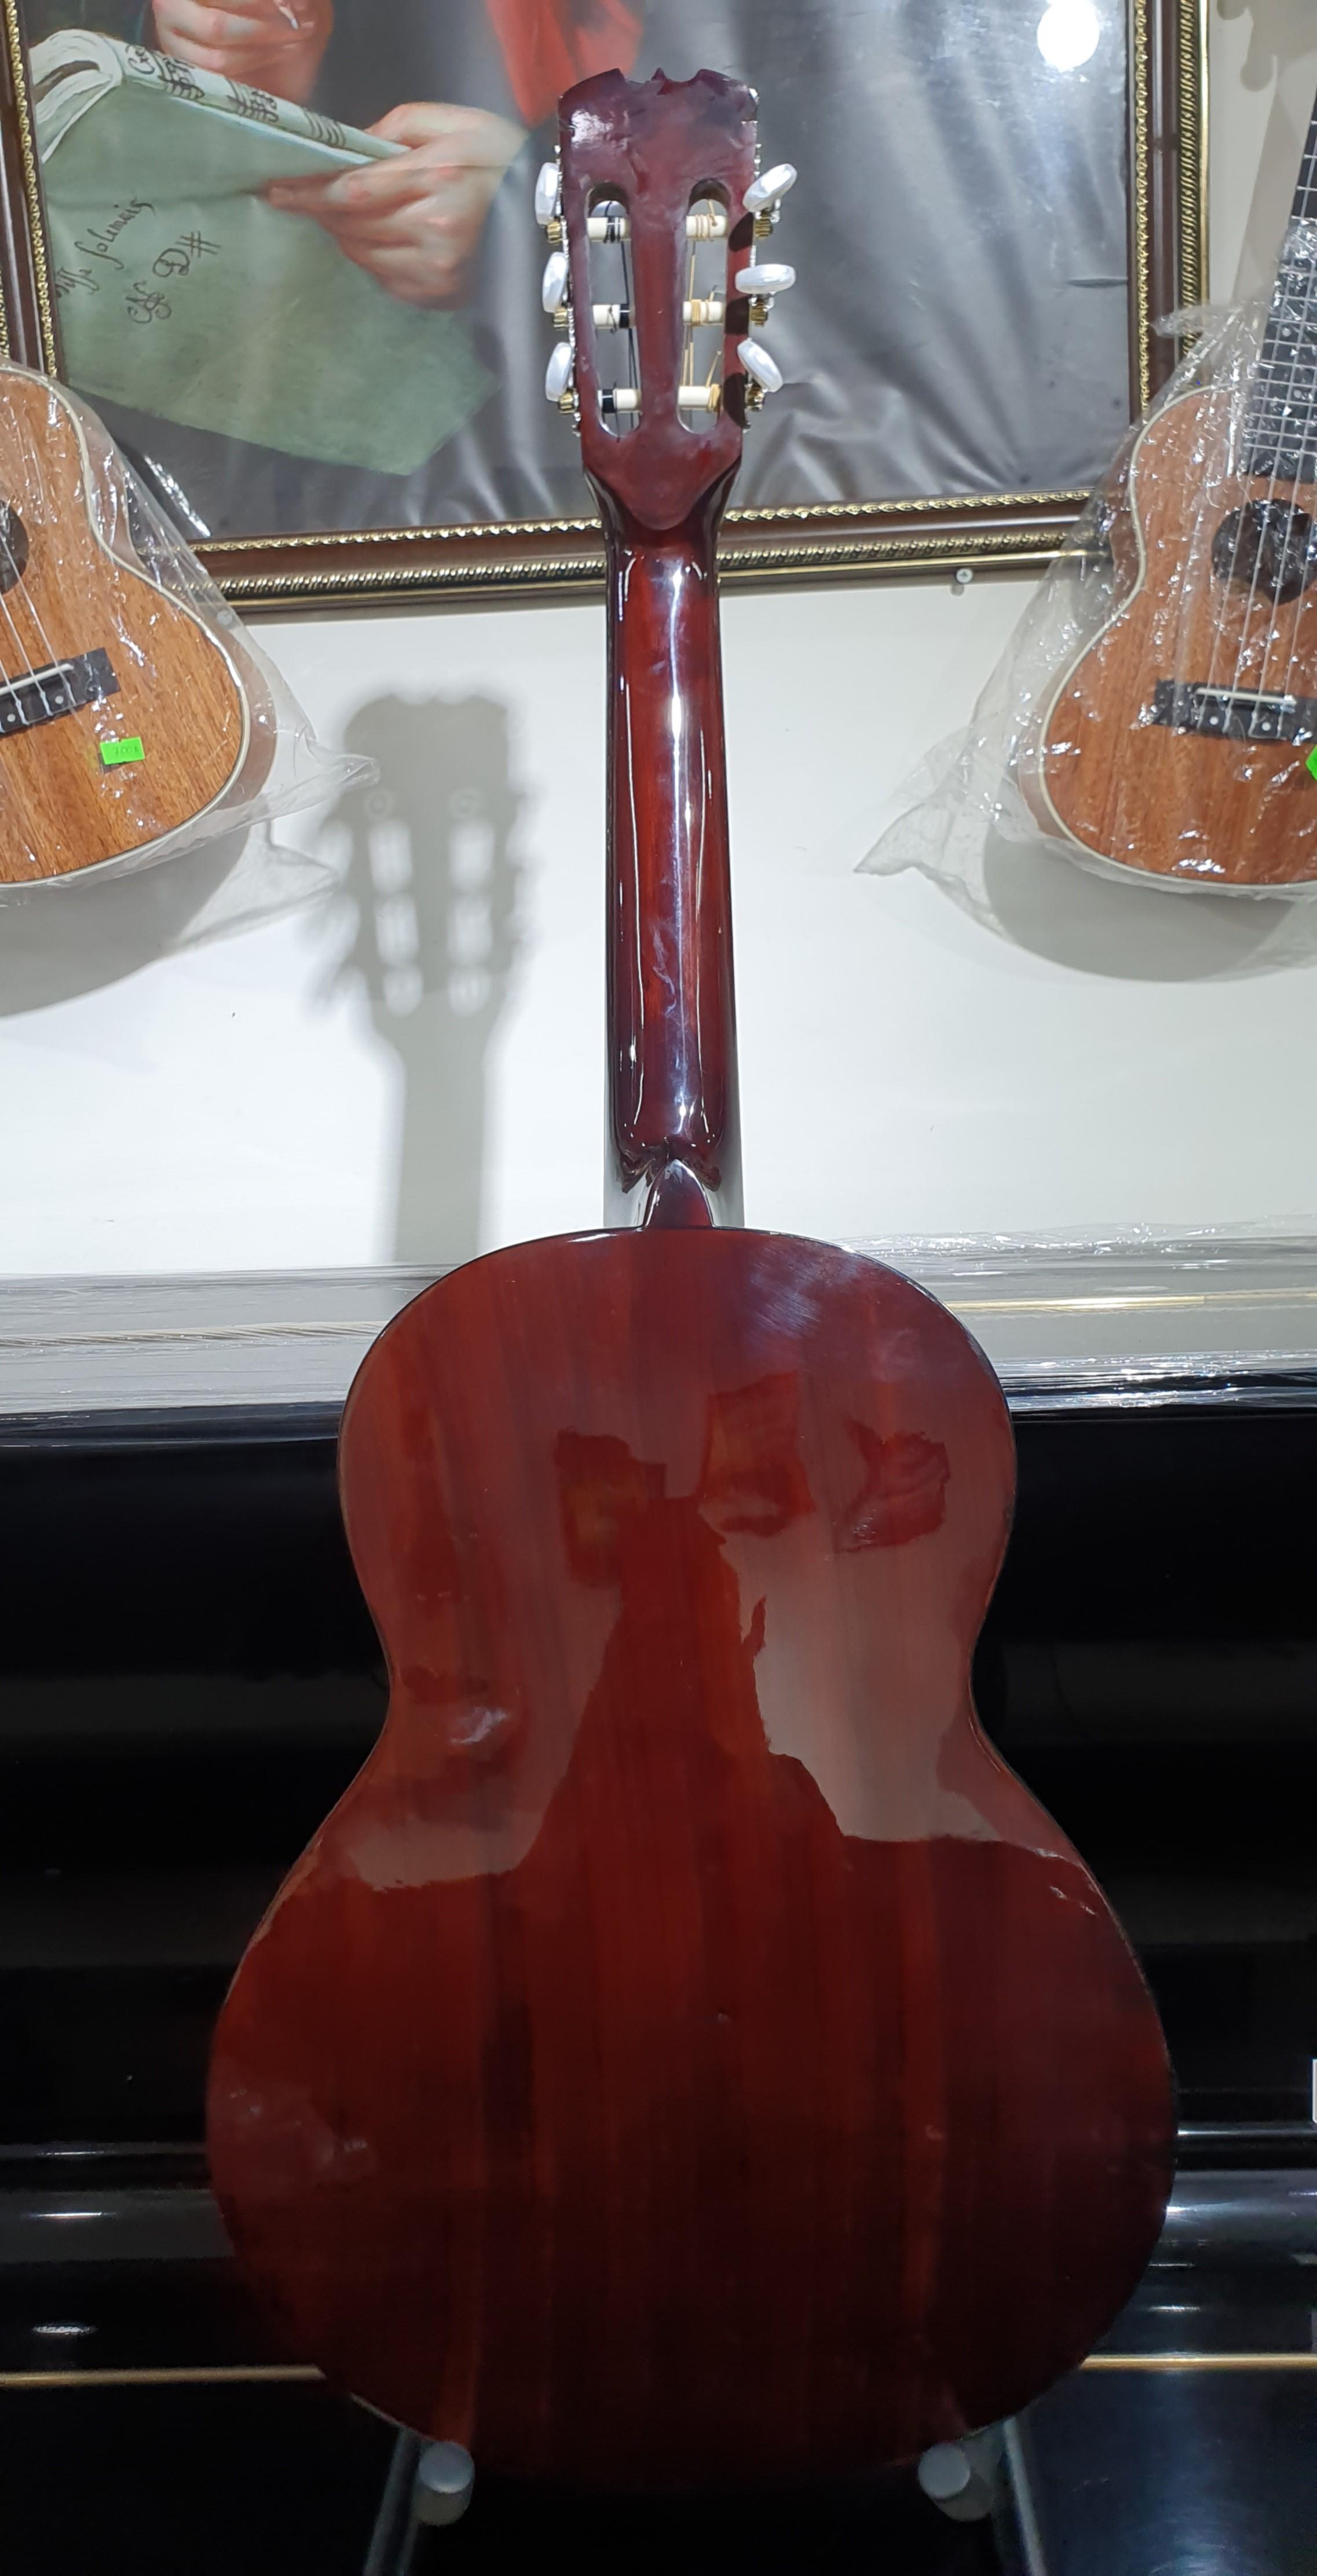 Đàn guitar Classic MKC95, thùng tròn, màu vân gỗ, Việt Nam, kèm bao da 2 lớp, bộ dây